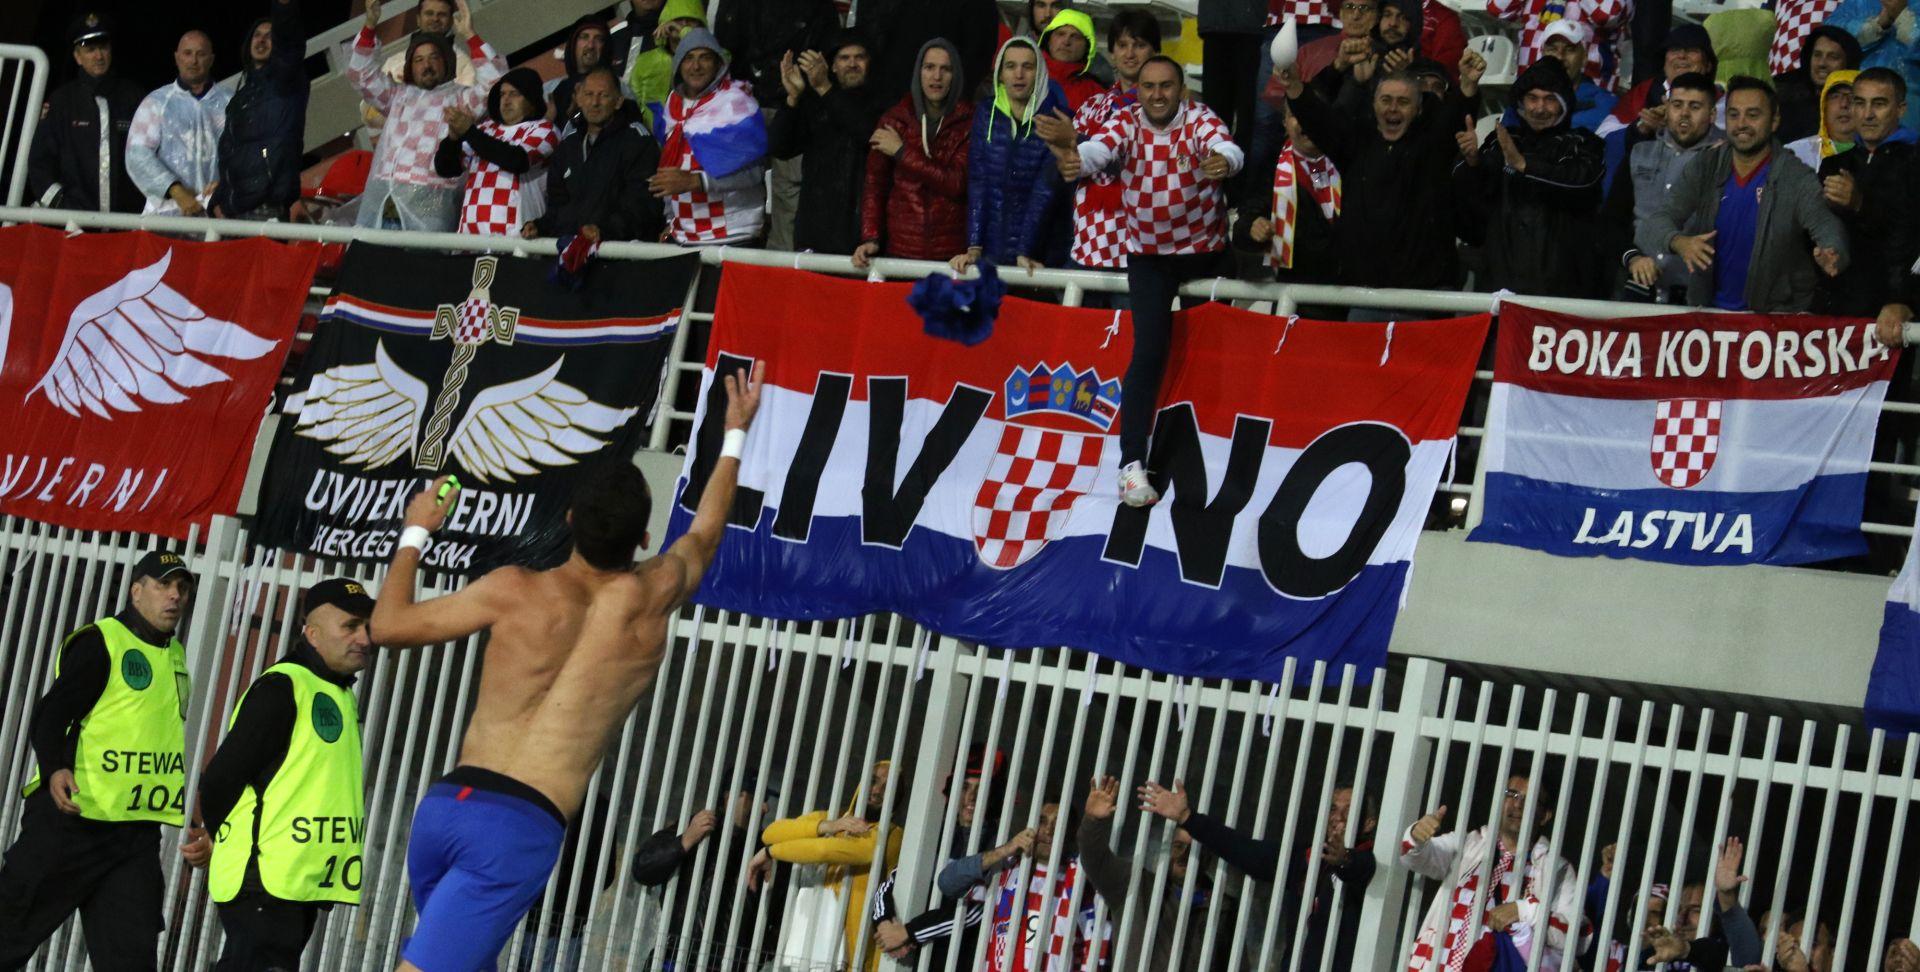 FIFA pokrenut postupak protiv Hrvatske i Kosova zbog 'Ubij Srbina'